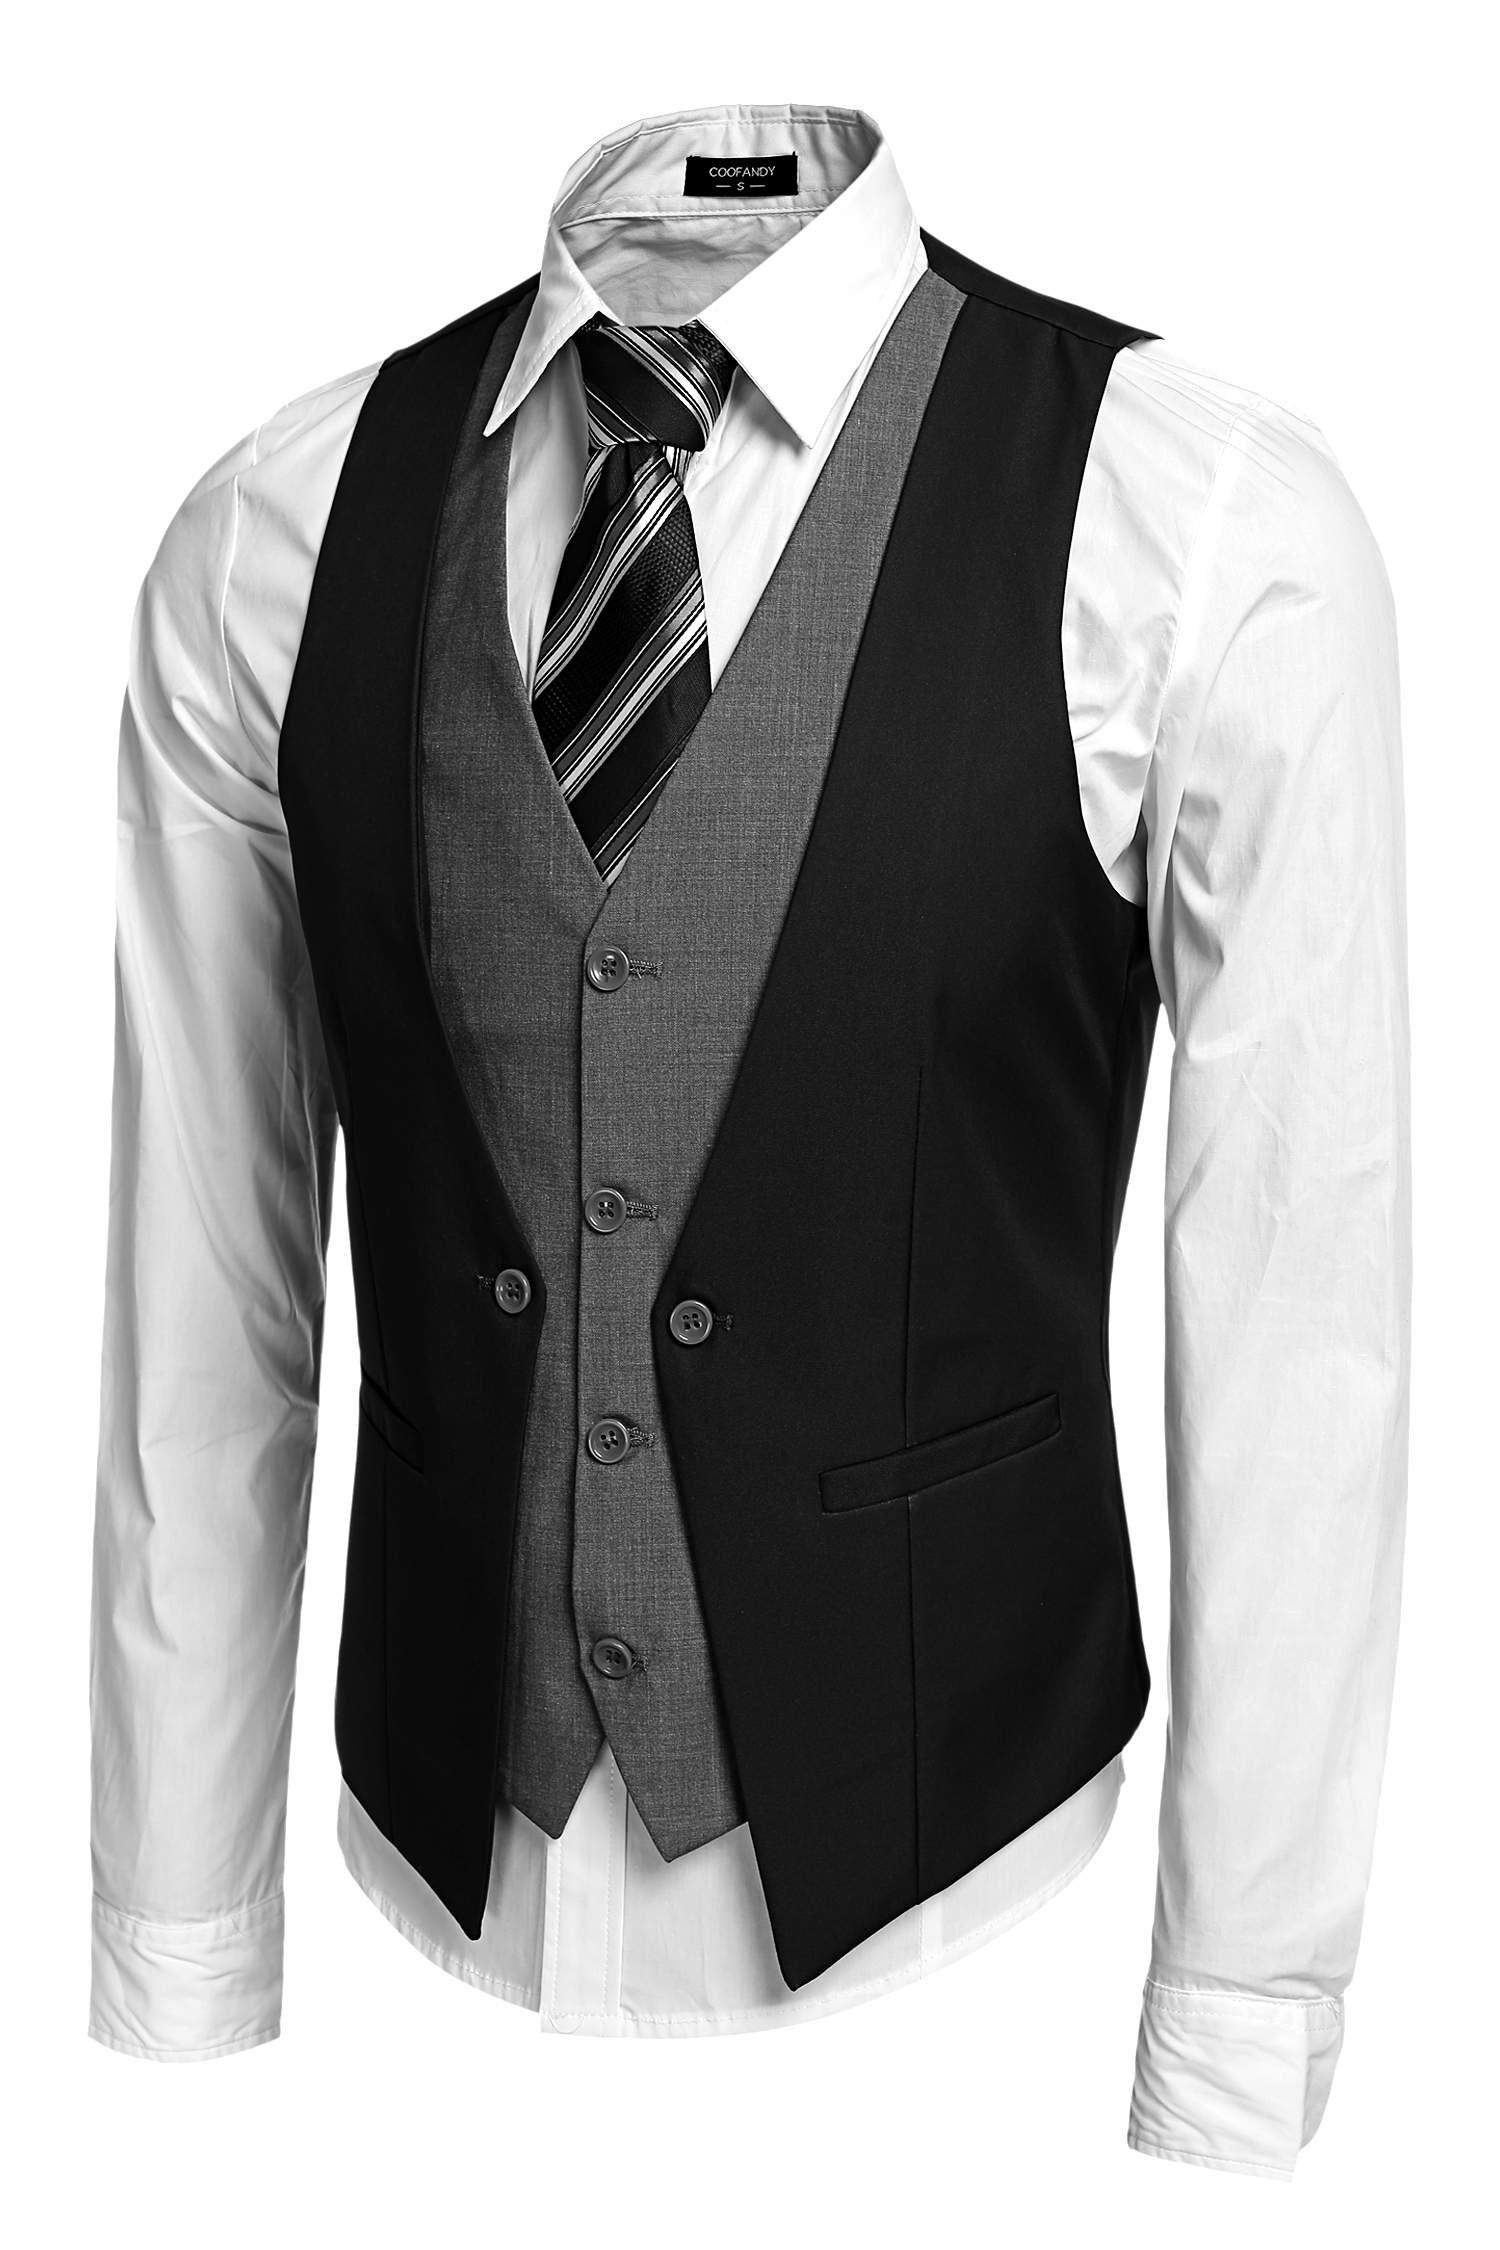 Coofandy Men's V-neck Sleeveless Slim Fit Jacket Business Suit Vests, Black, X-Large